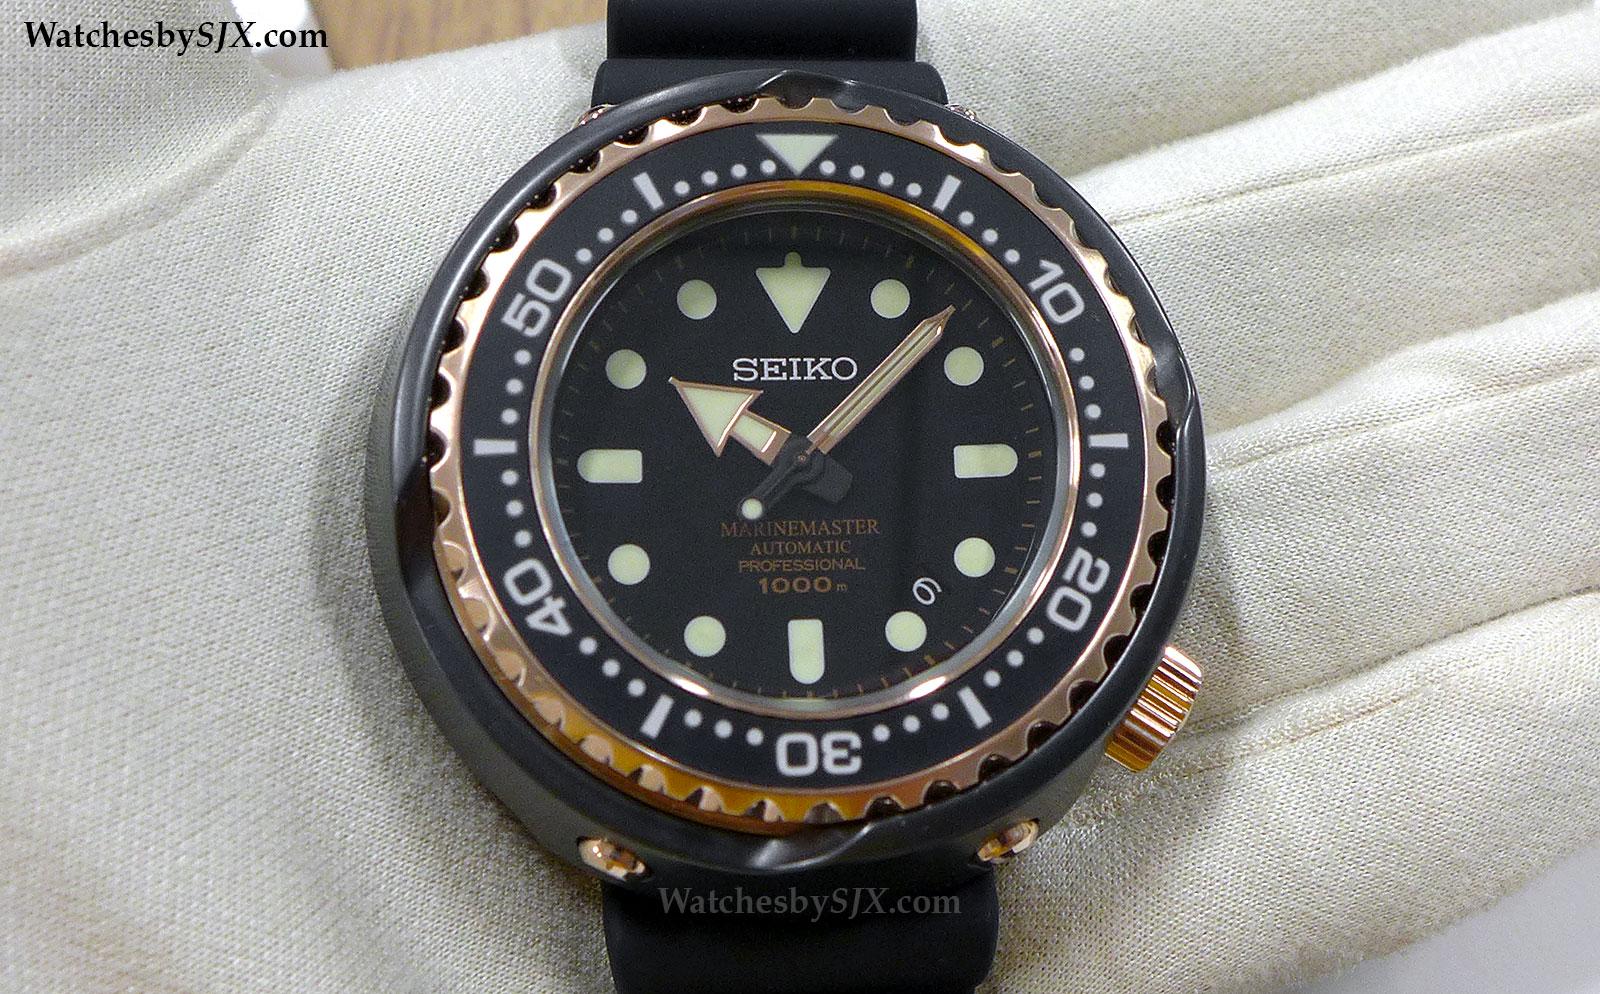 Seiko-Marinemaster-1000m-Rose-Gold-Tuna-2